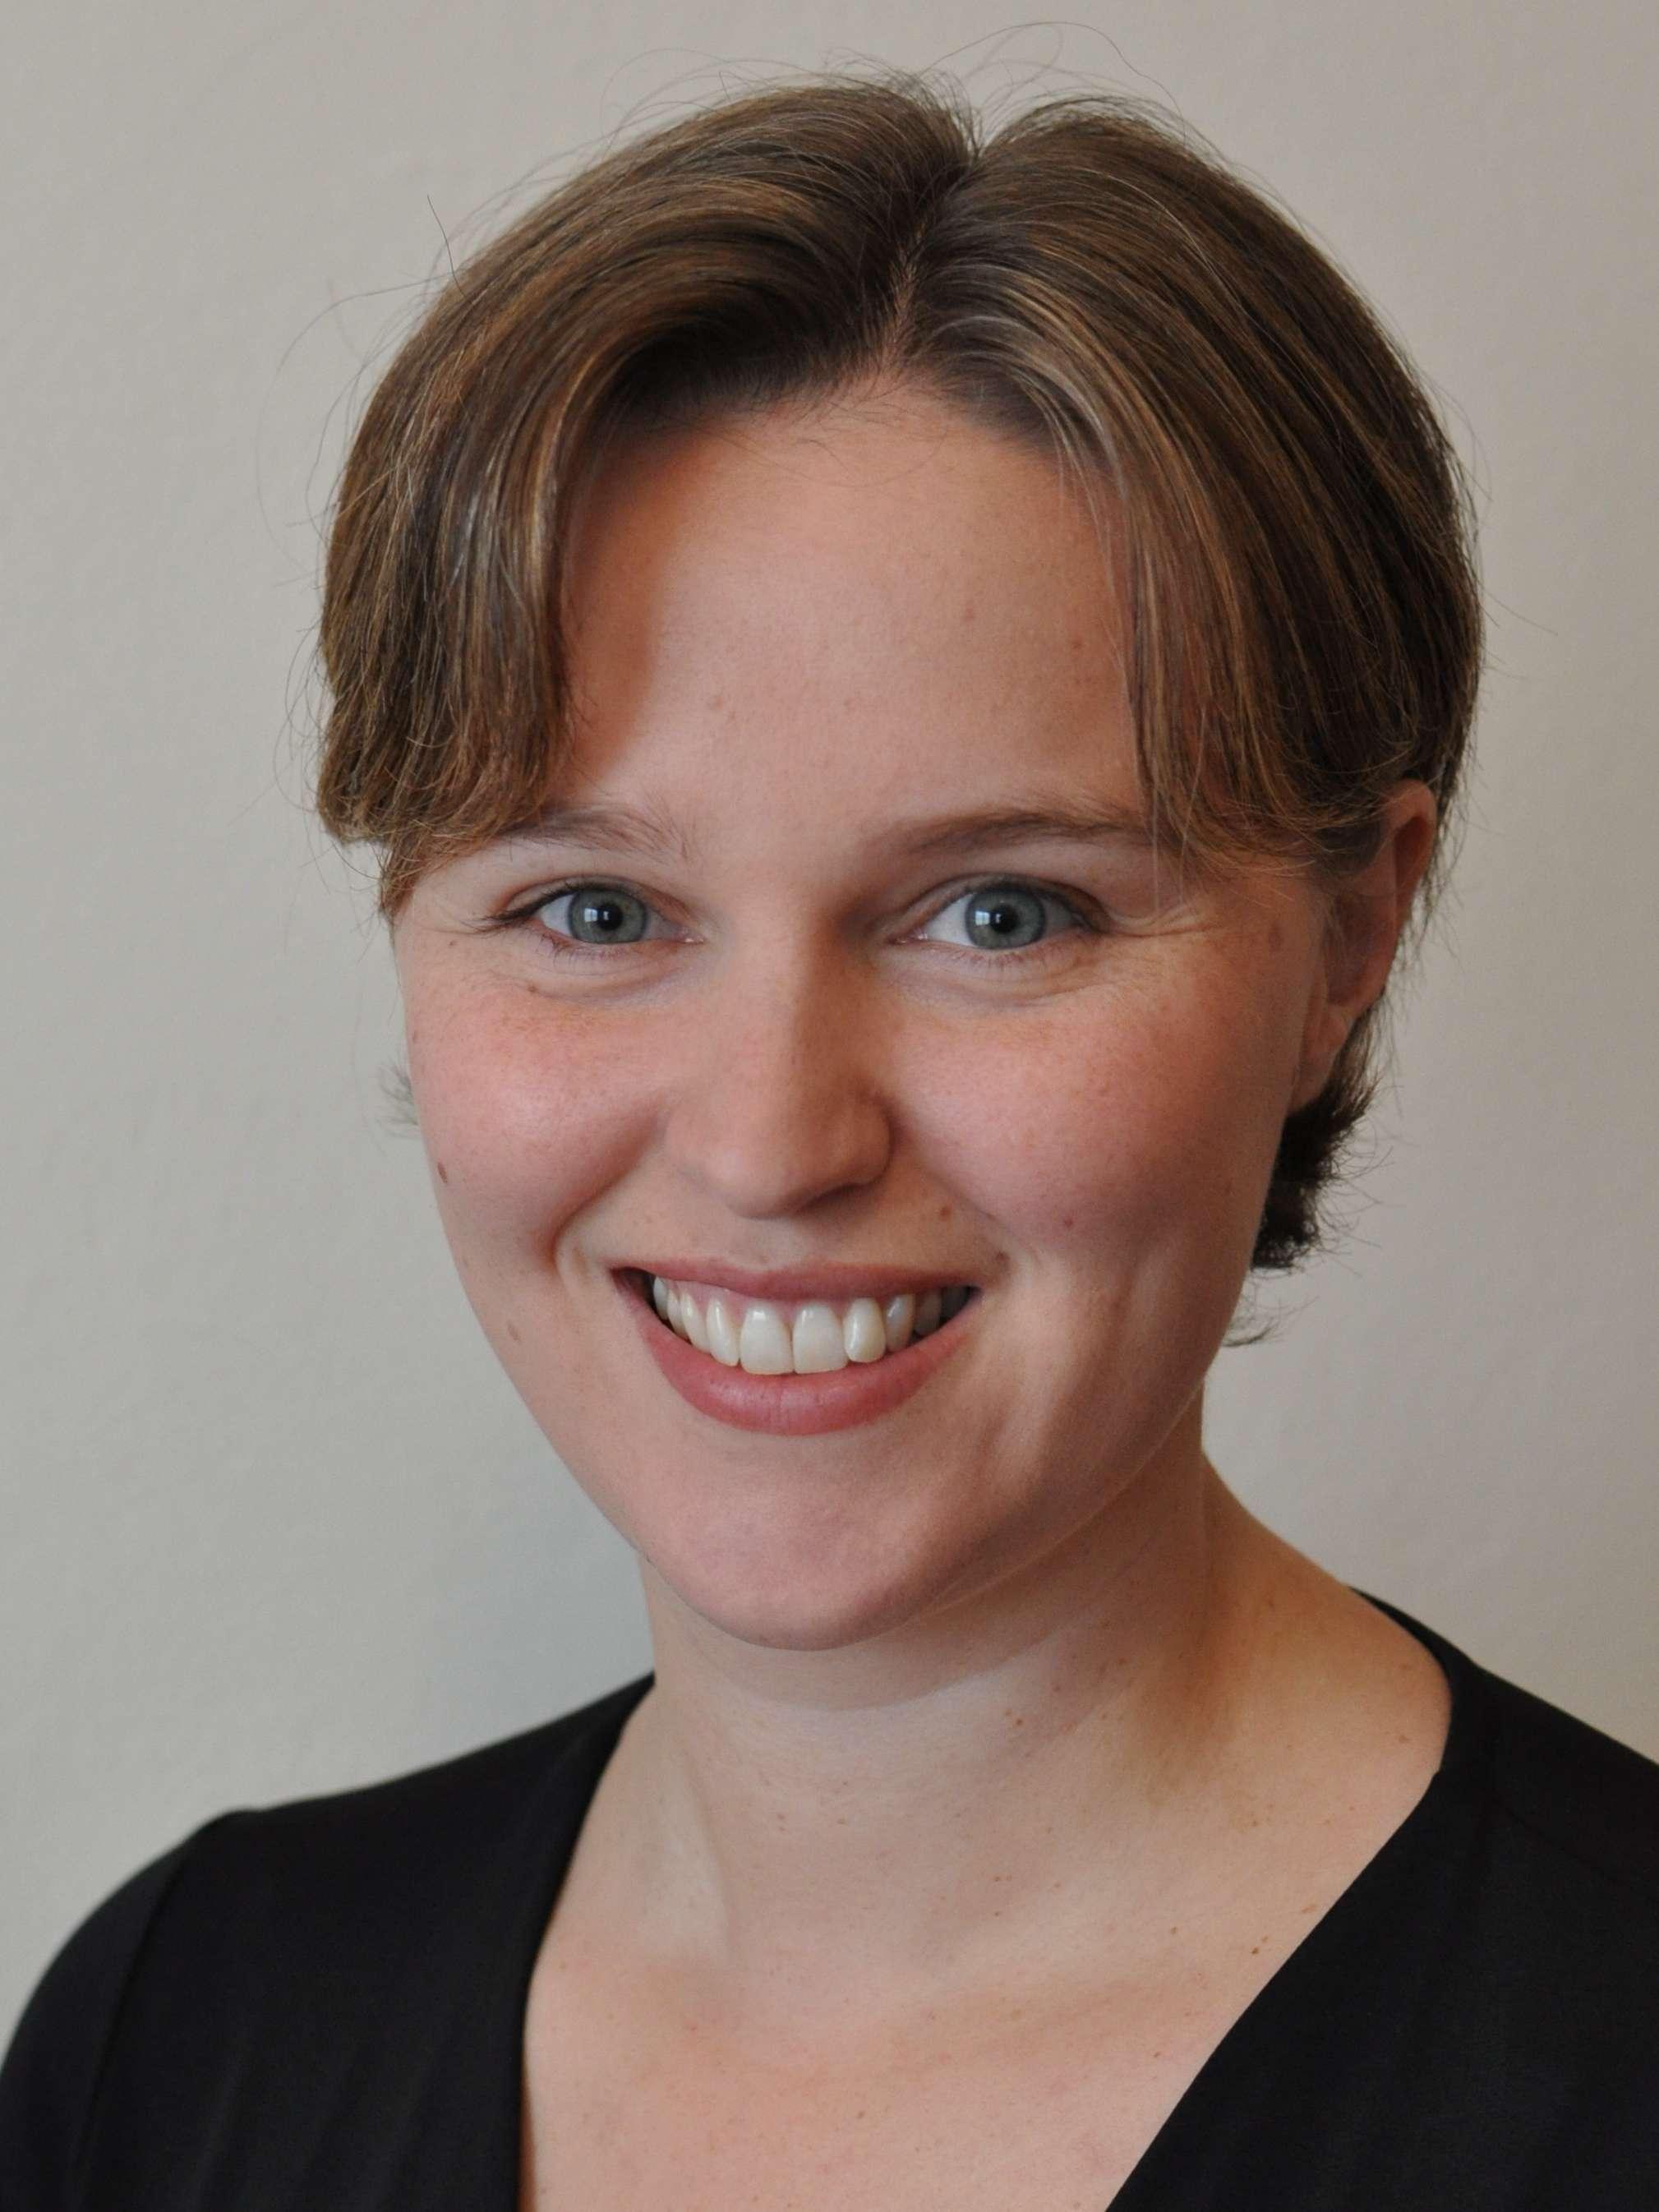 Anthea Roberts - Ejil Author